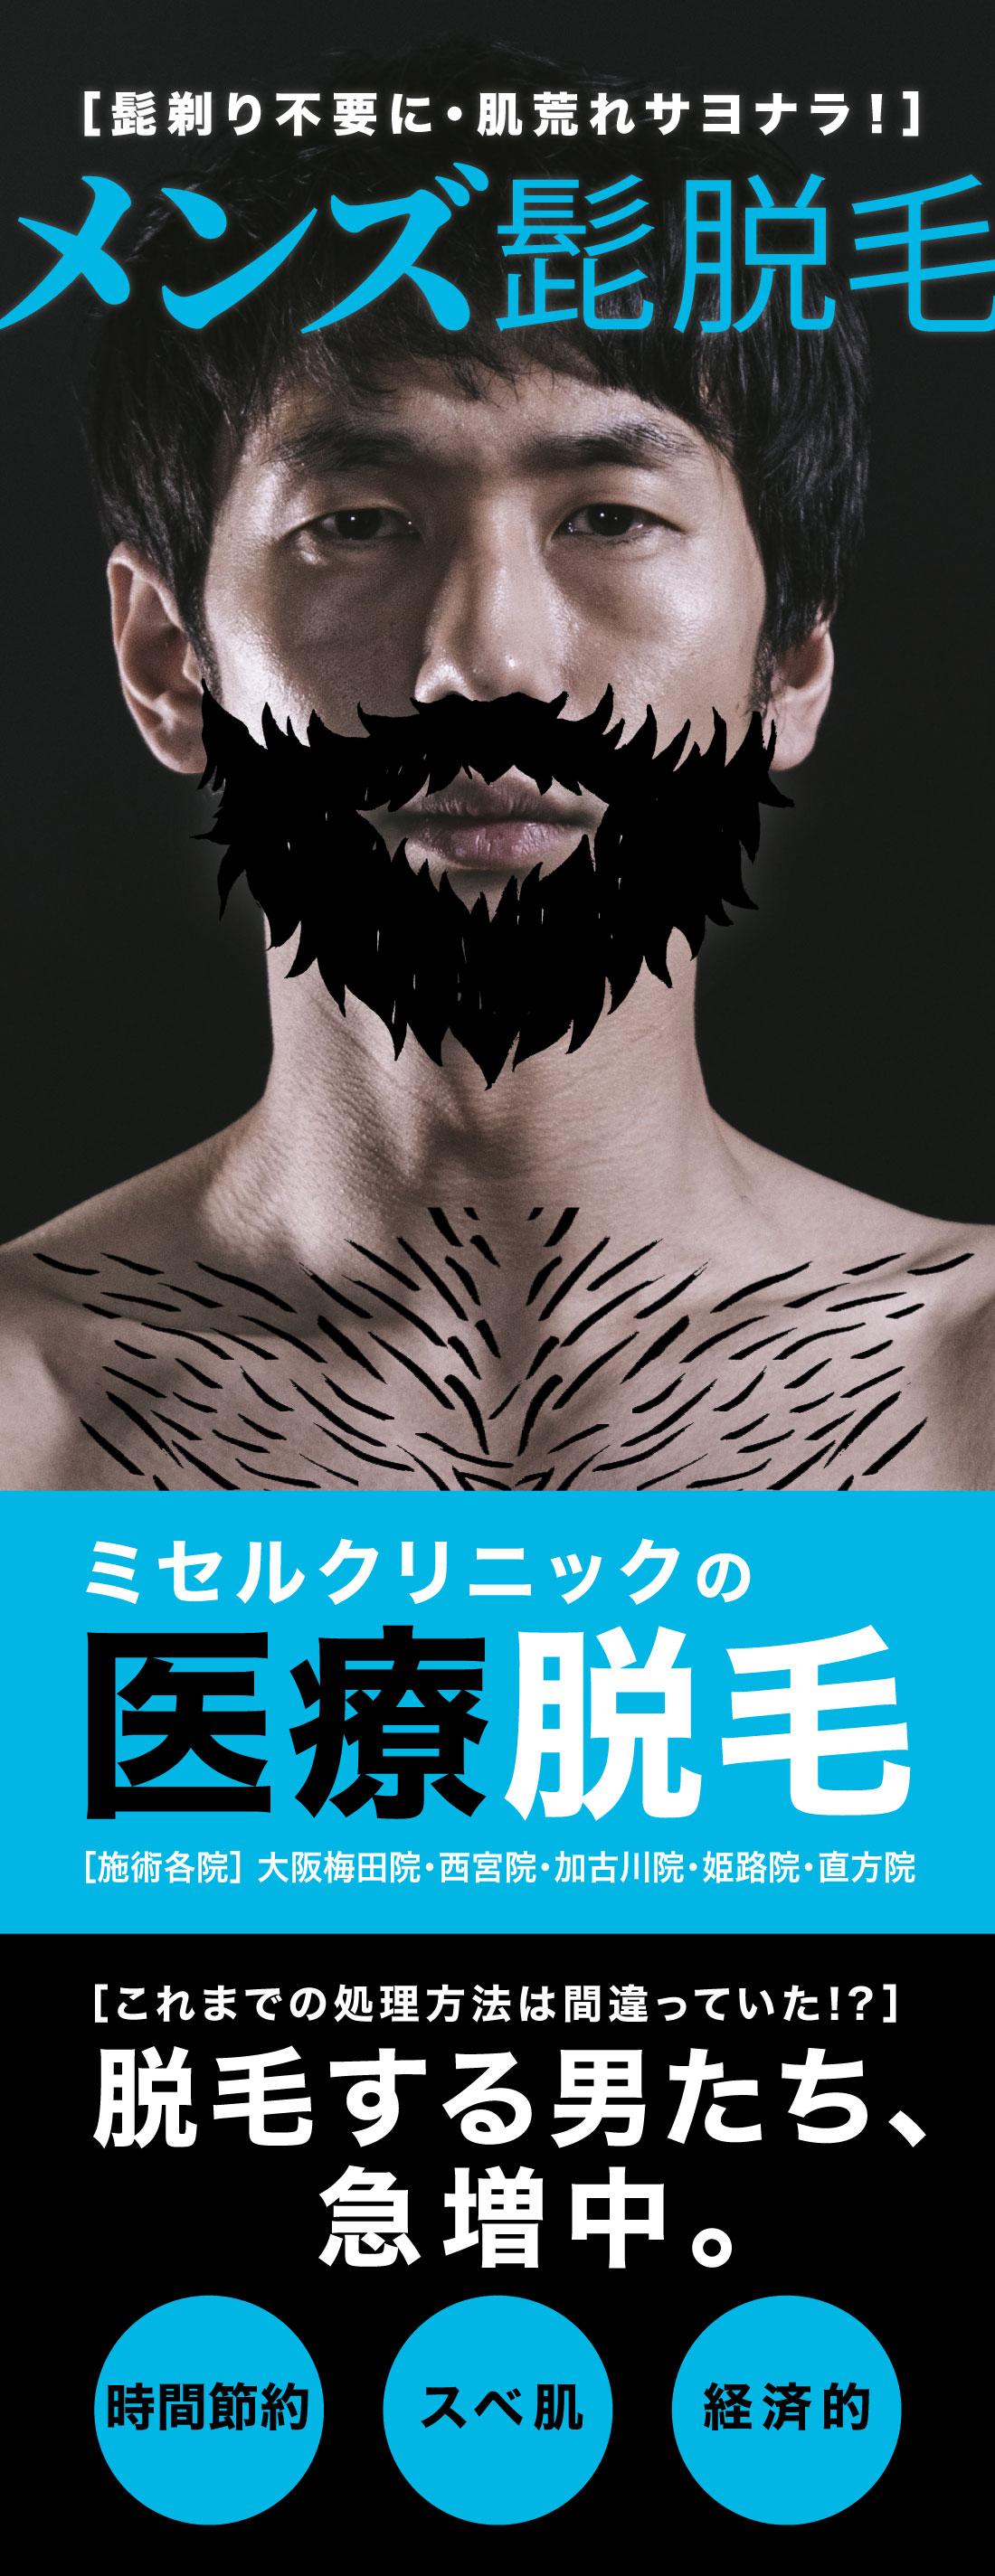 たろうメディカルクリニック 医療脱毛 男性向け メンズ髭脱毛